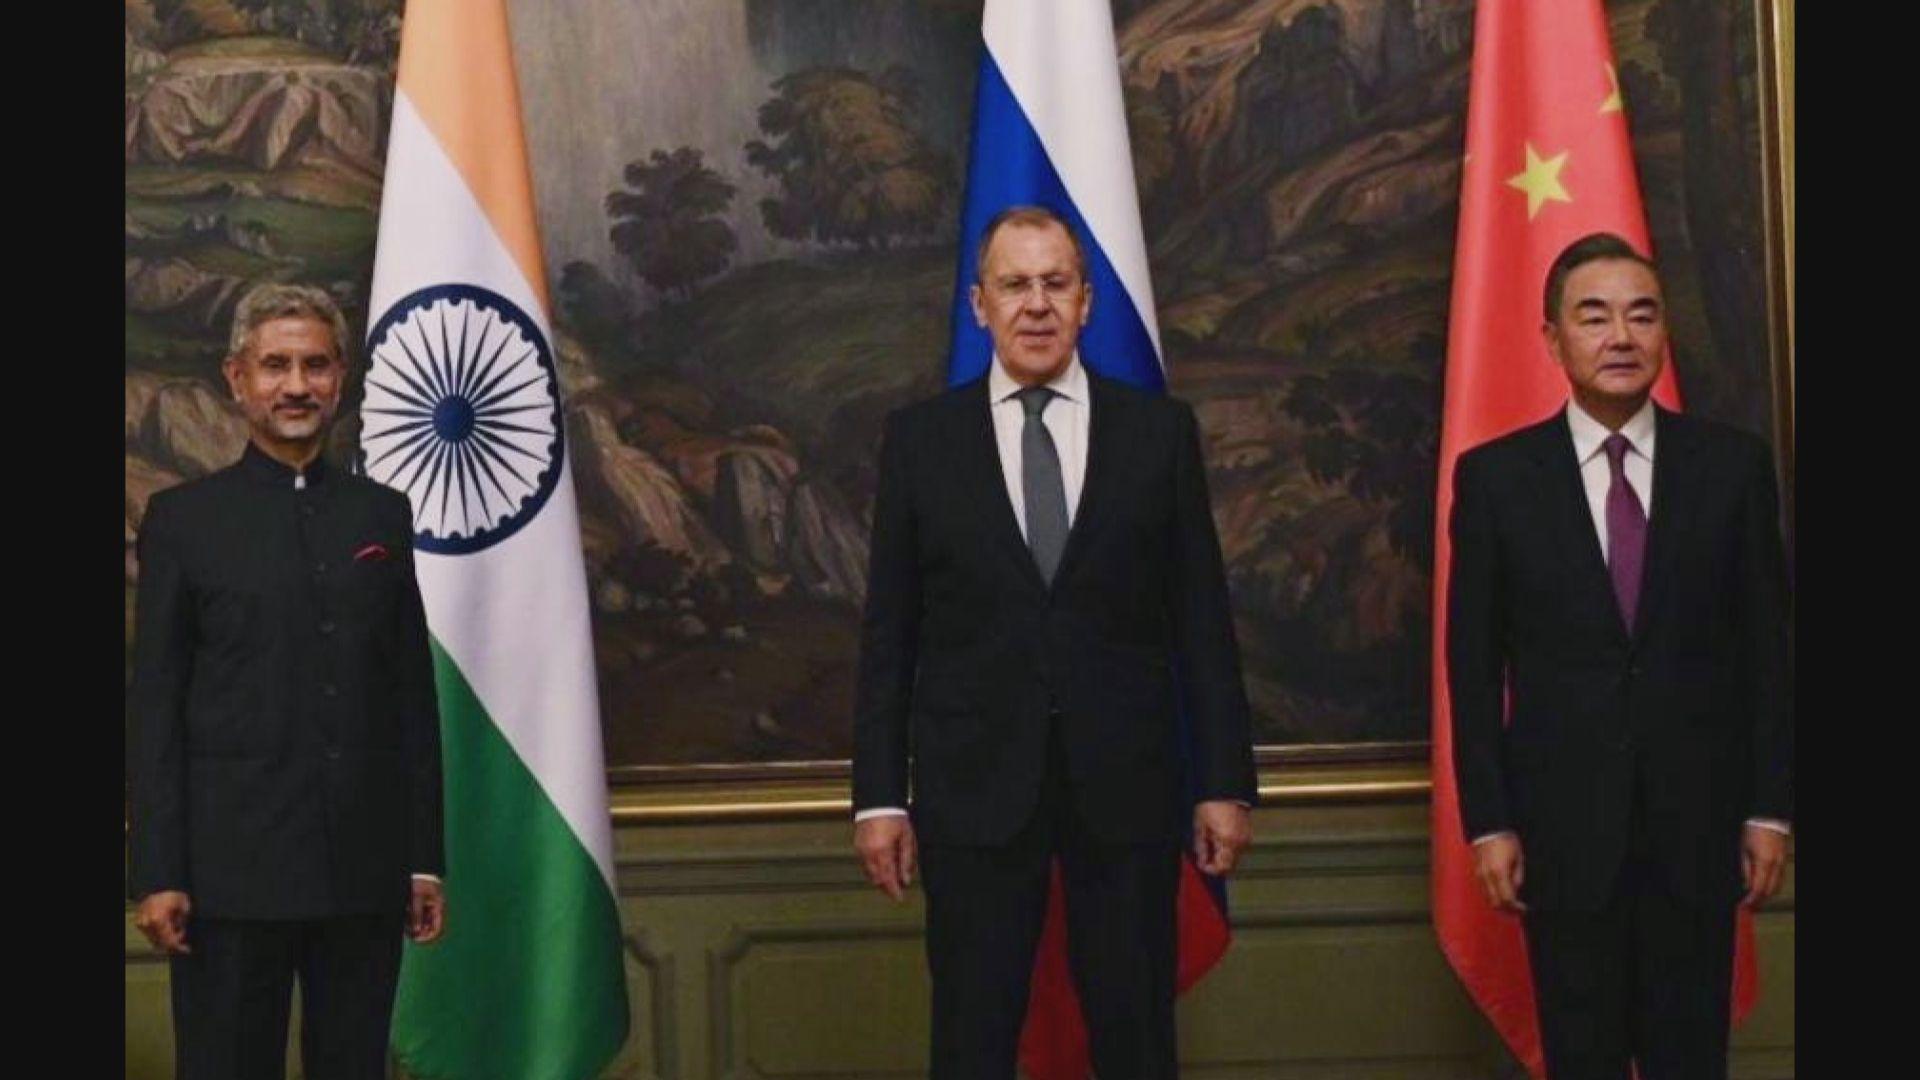 中印外長會面 承諾通過和平協商化解邊境爭議